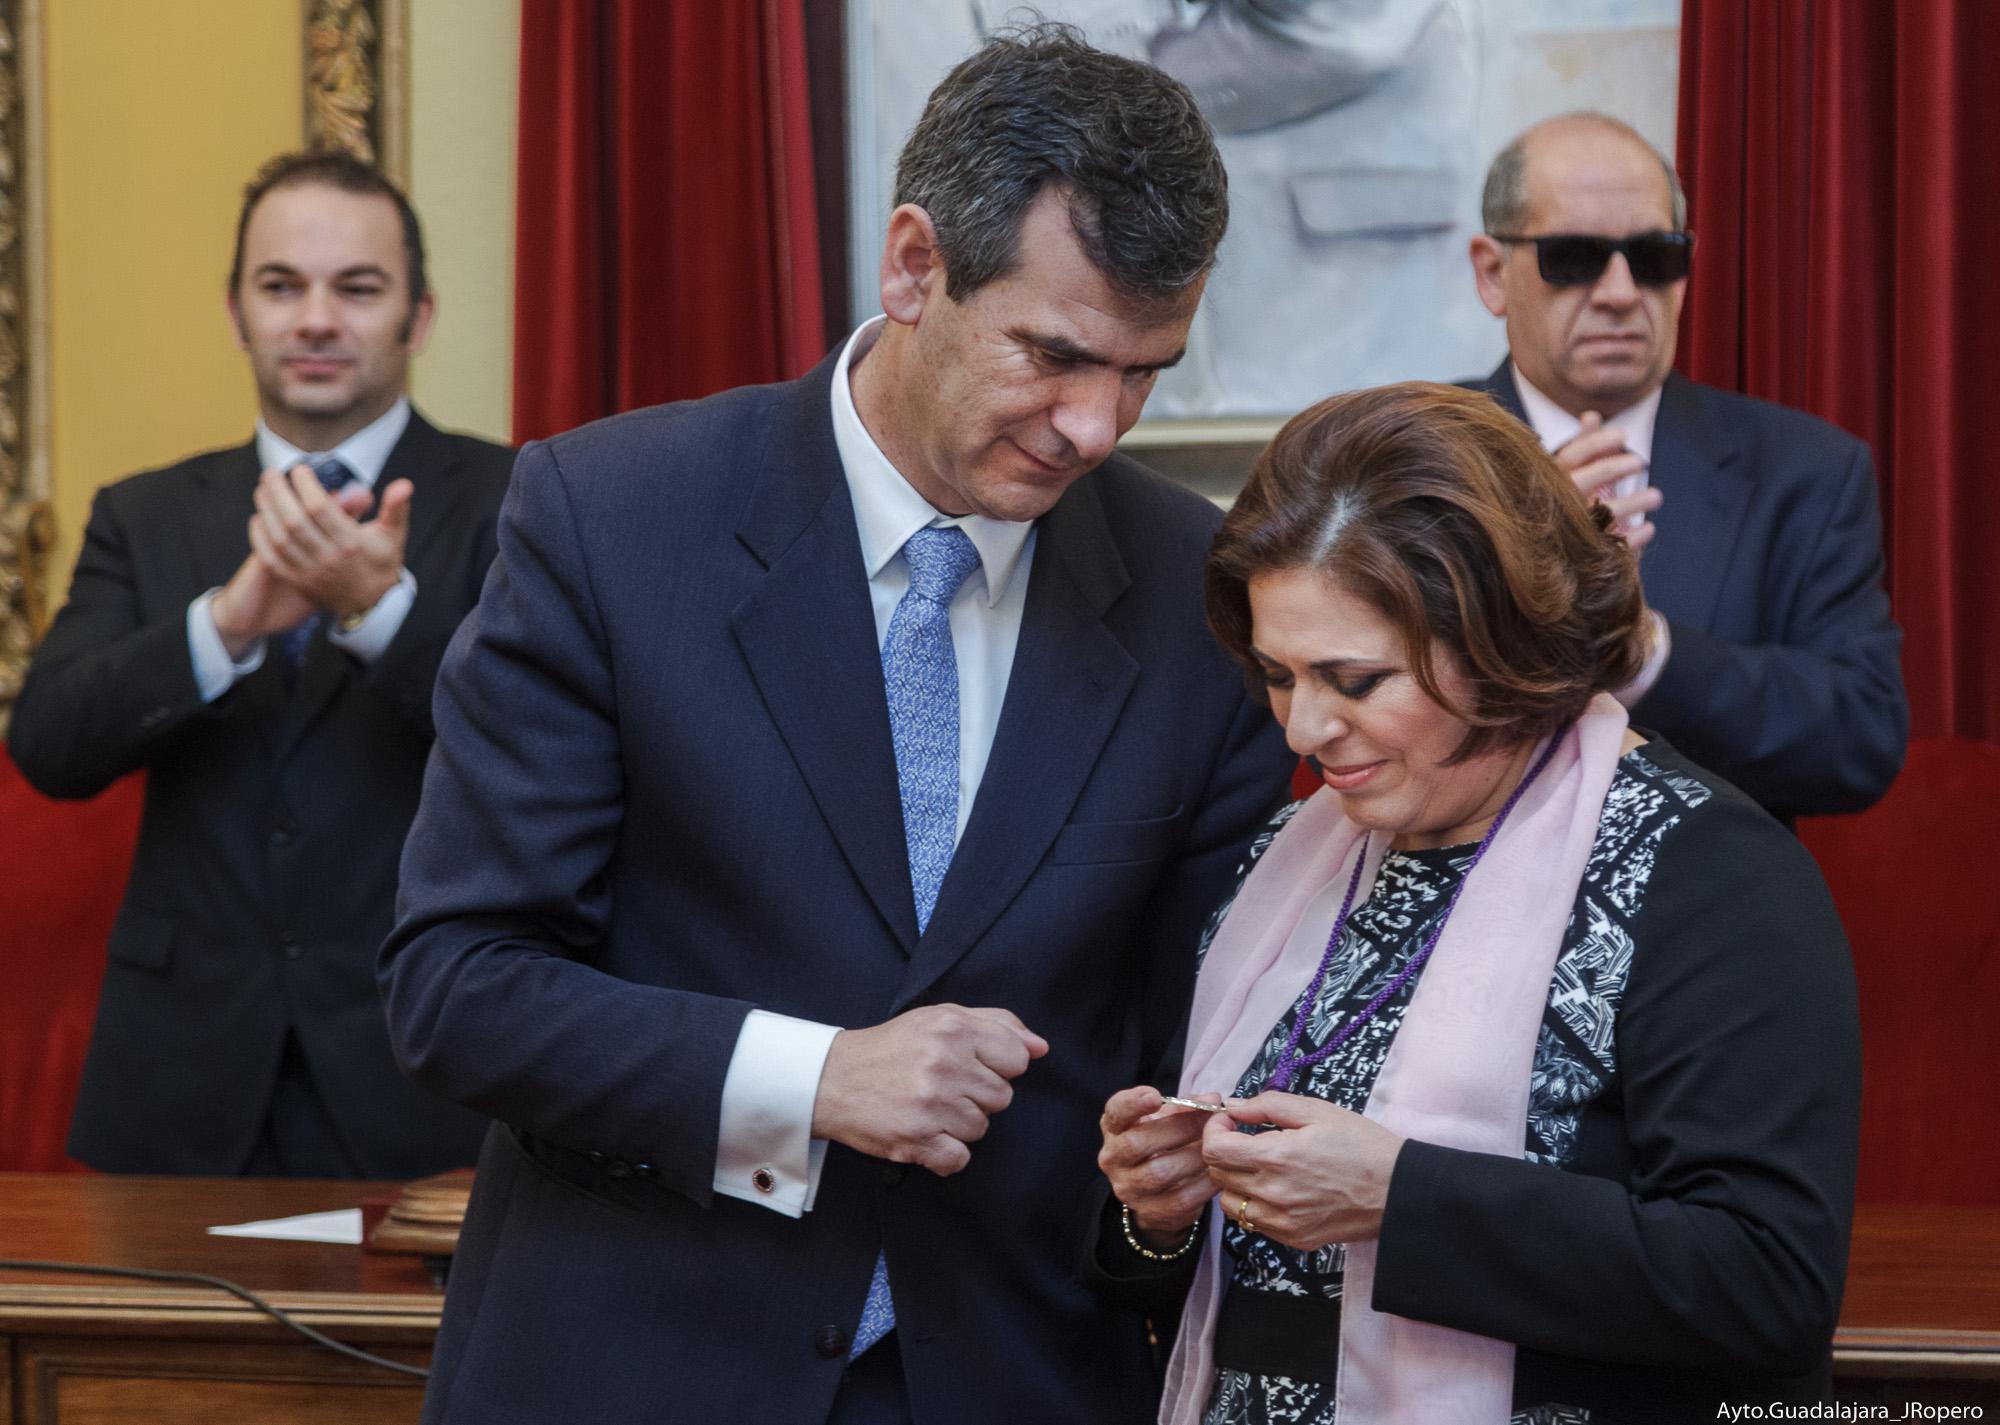 Guadalajara entrega su Medalla de Plata a la O.N.C.E.